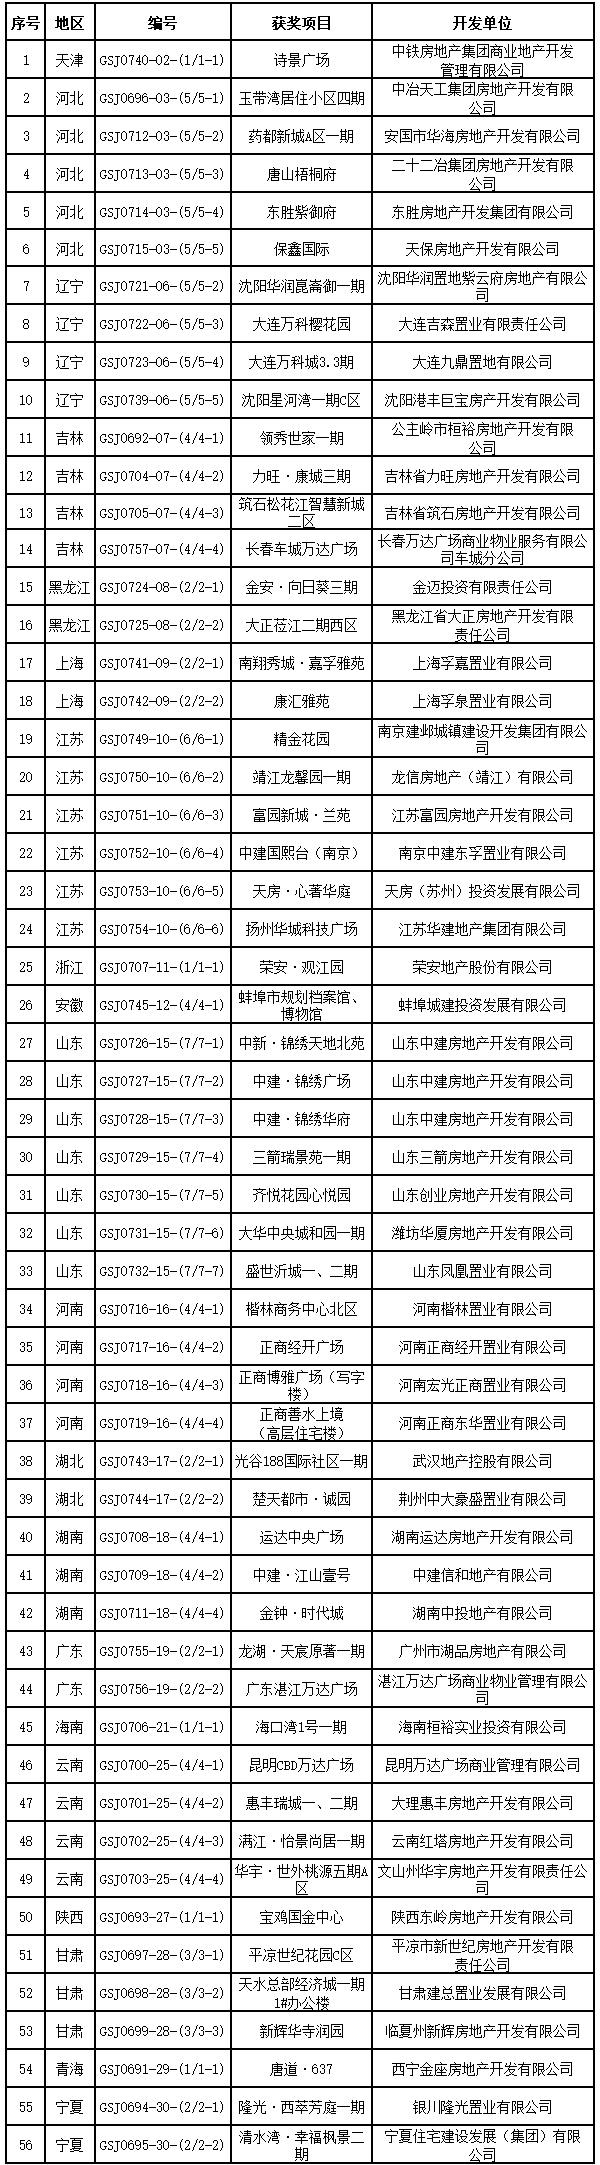 """第九屆(2019-2020年度)""""廣廈獎""""第一批獲獎項目"""